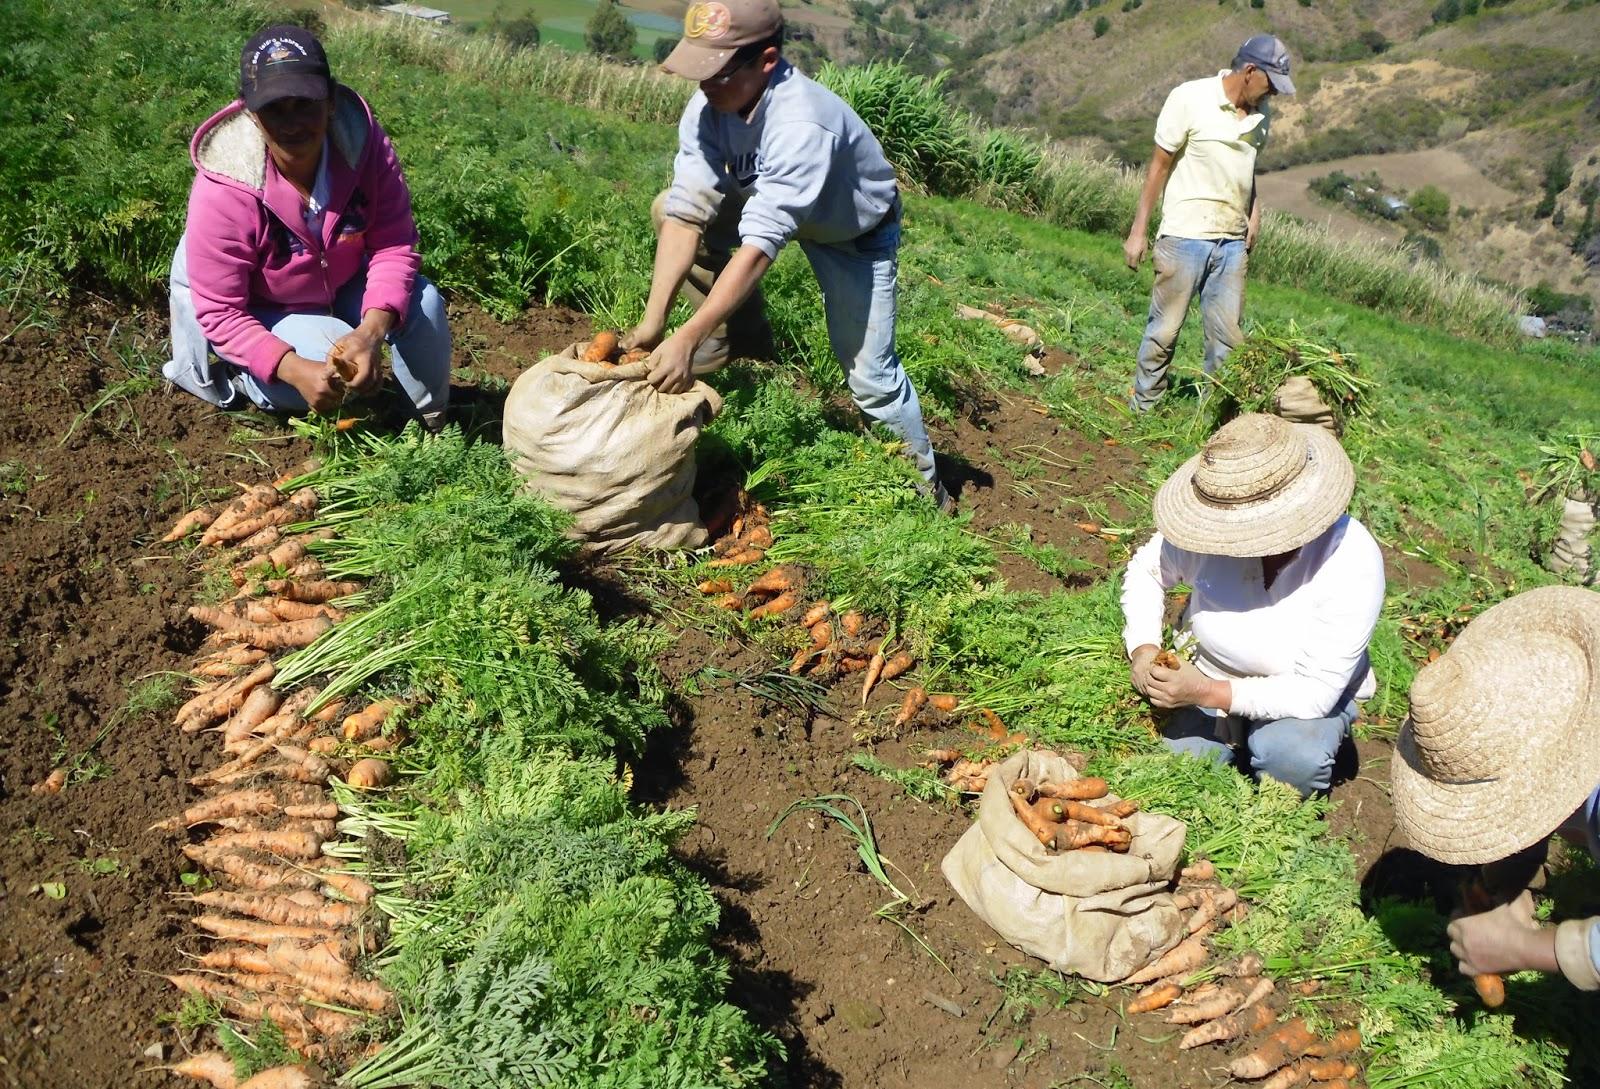 Tierra y mar blog archive jornaleros andaluces for La zanahoria es una hortaliza